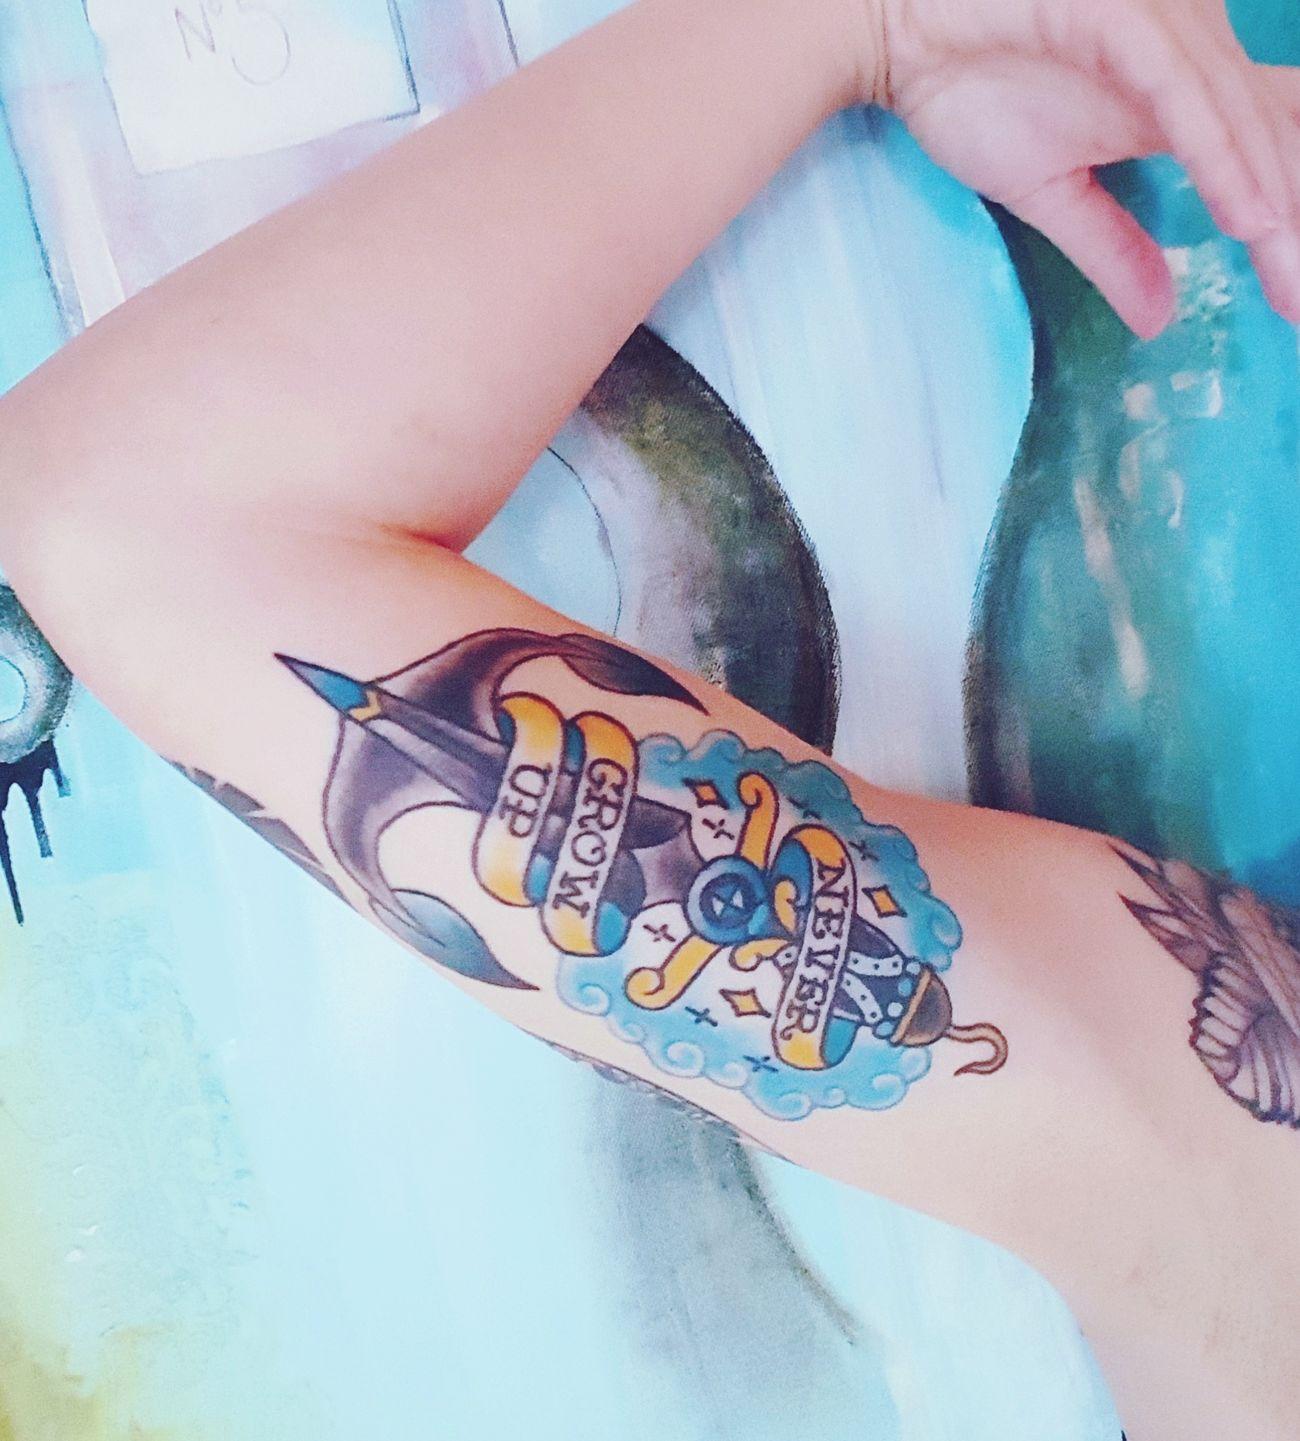 Friendly reminder. Tattoo Tattooed Tattoo Design Tattoolife Tattoodesign Tattoomodel Tattoomodels Peterpan Peterpantattoo Disneytattoos Inked Upclose  Intheskin